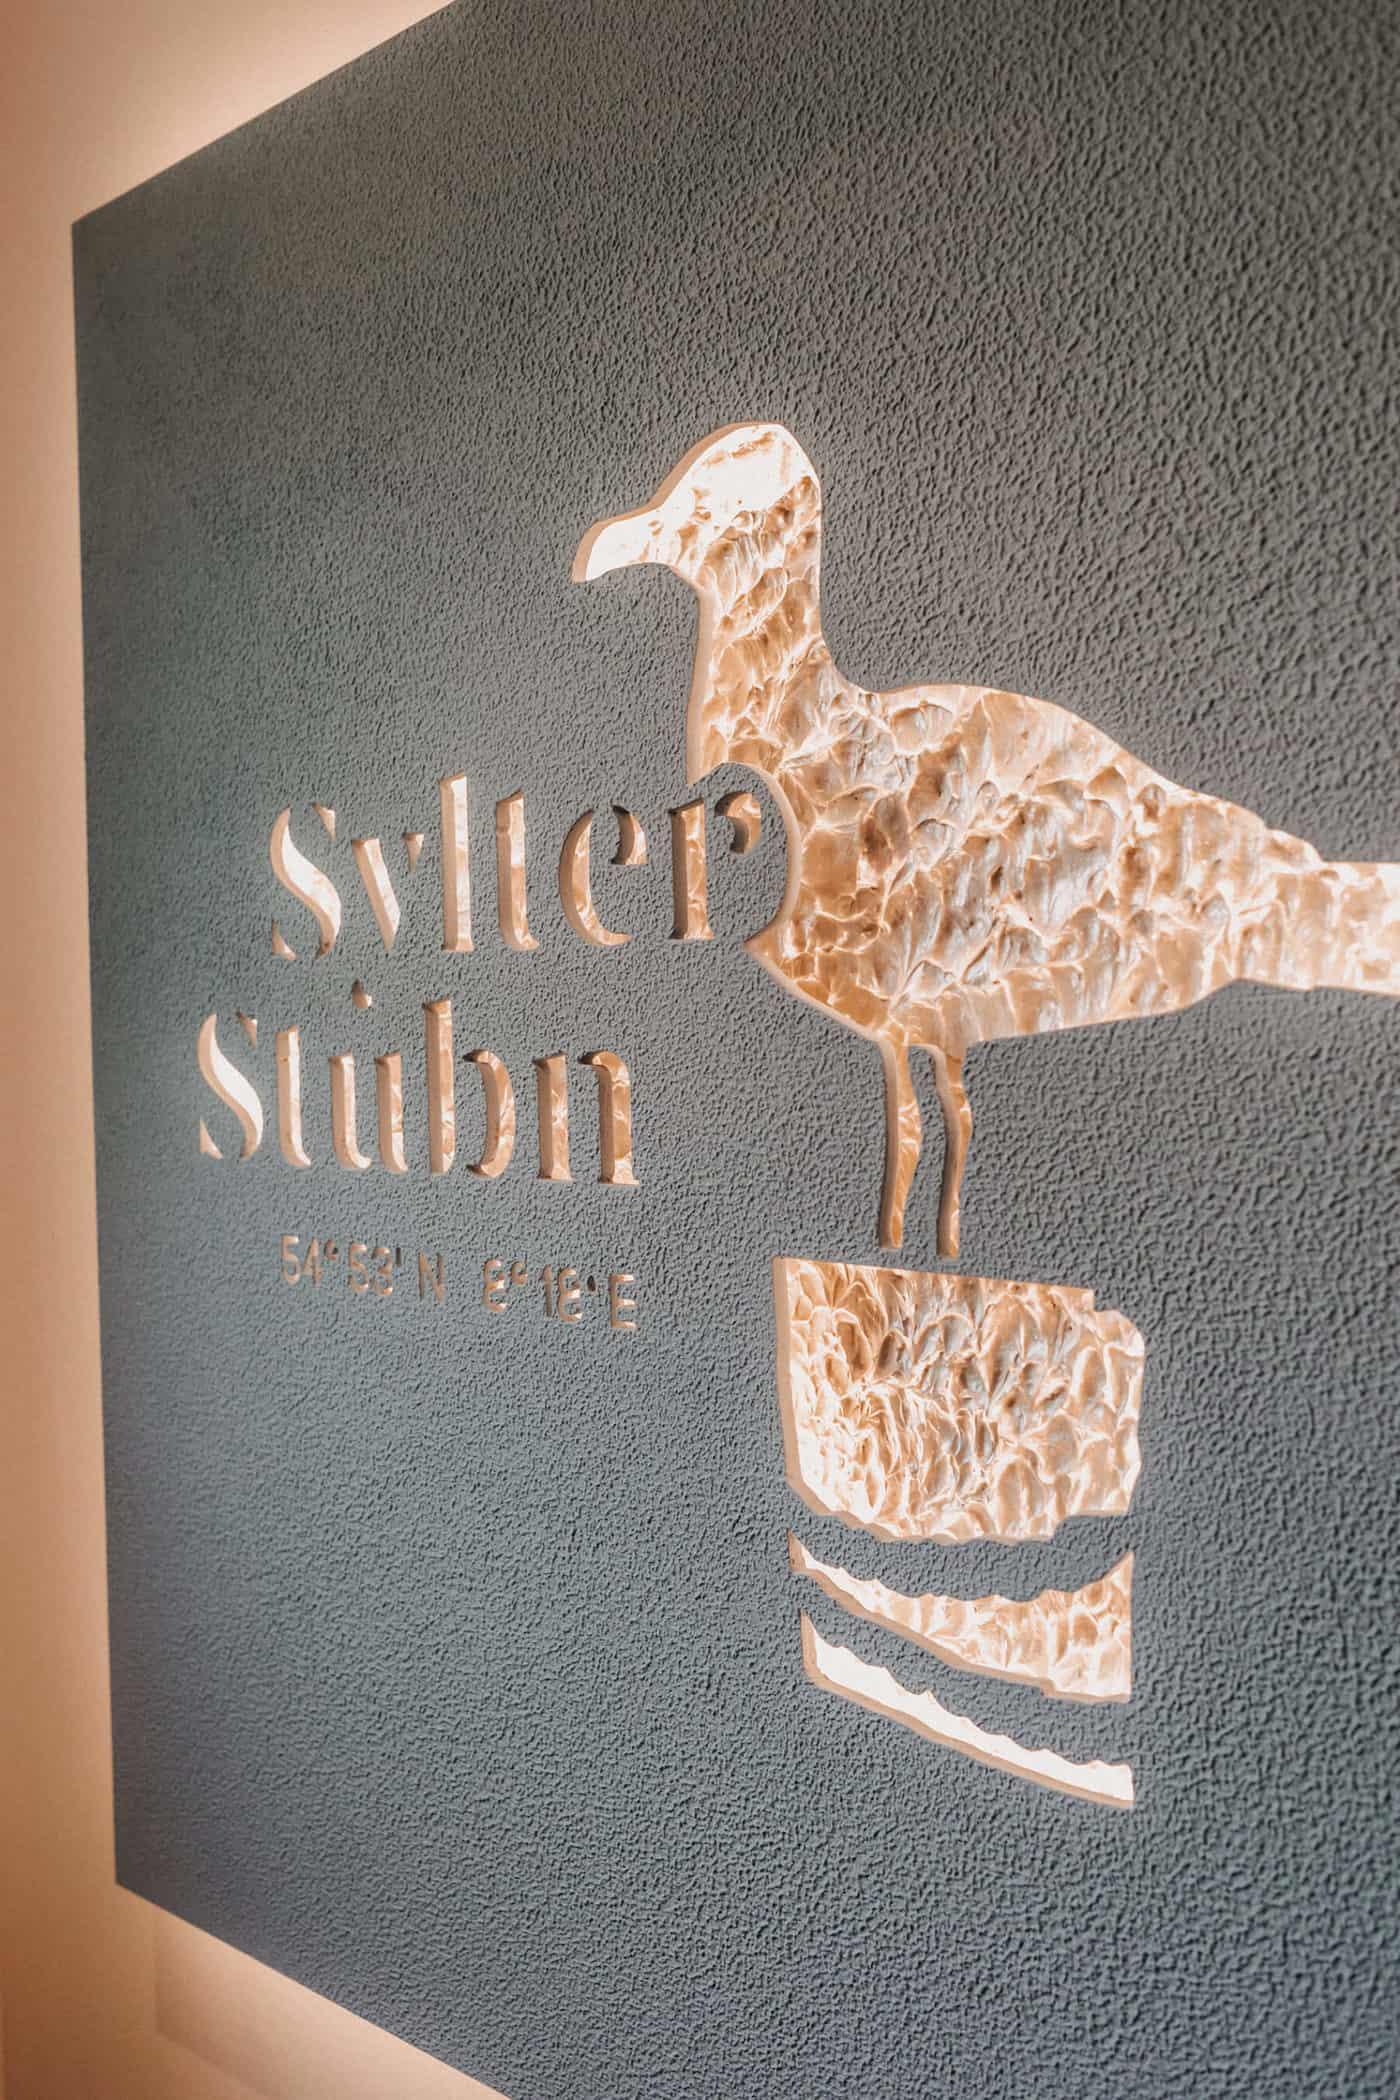 Lifestyle-Appartement Sylter Stubn: Ferienwohnung in Westerland für 3 Personen und Hunde sind erlaubt